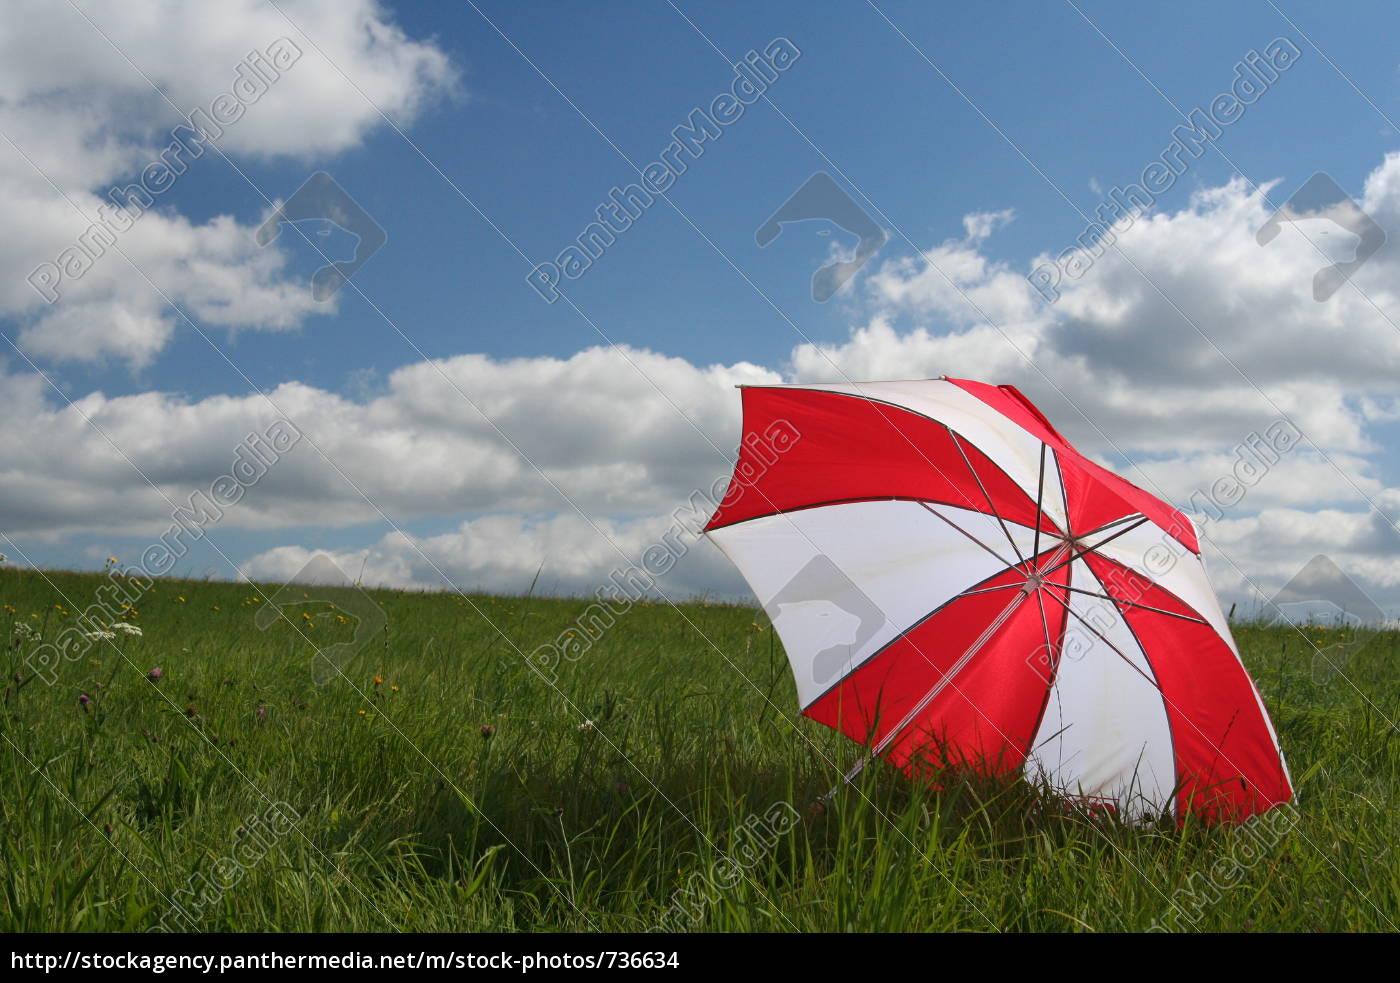 weather, capricious - 736634